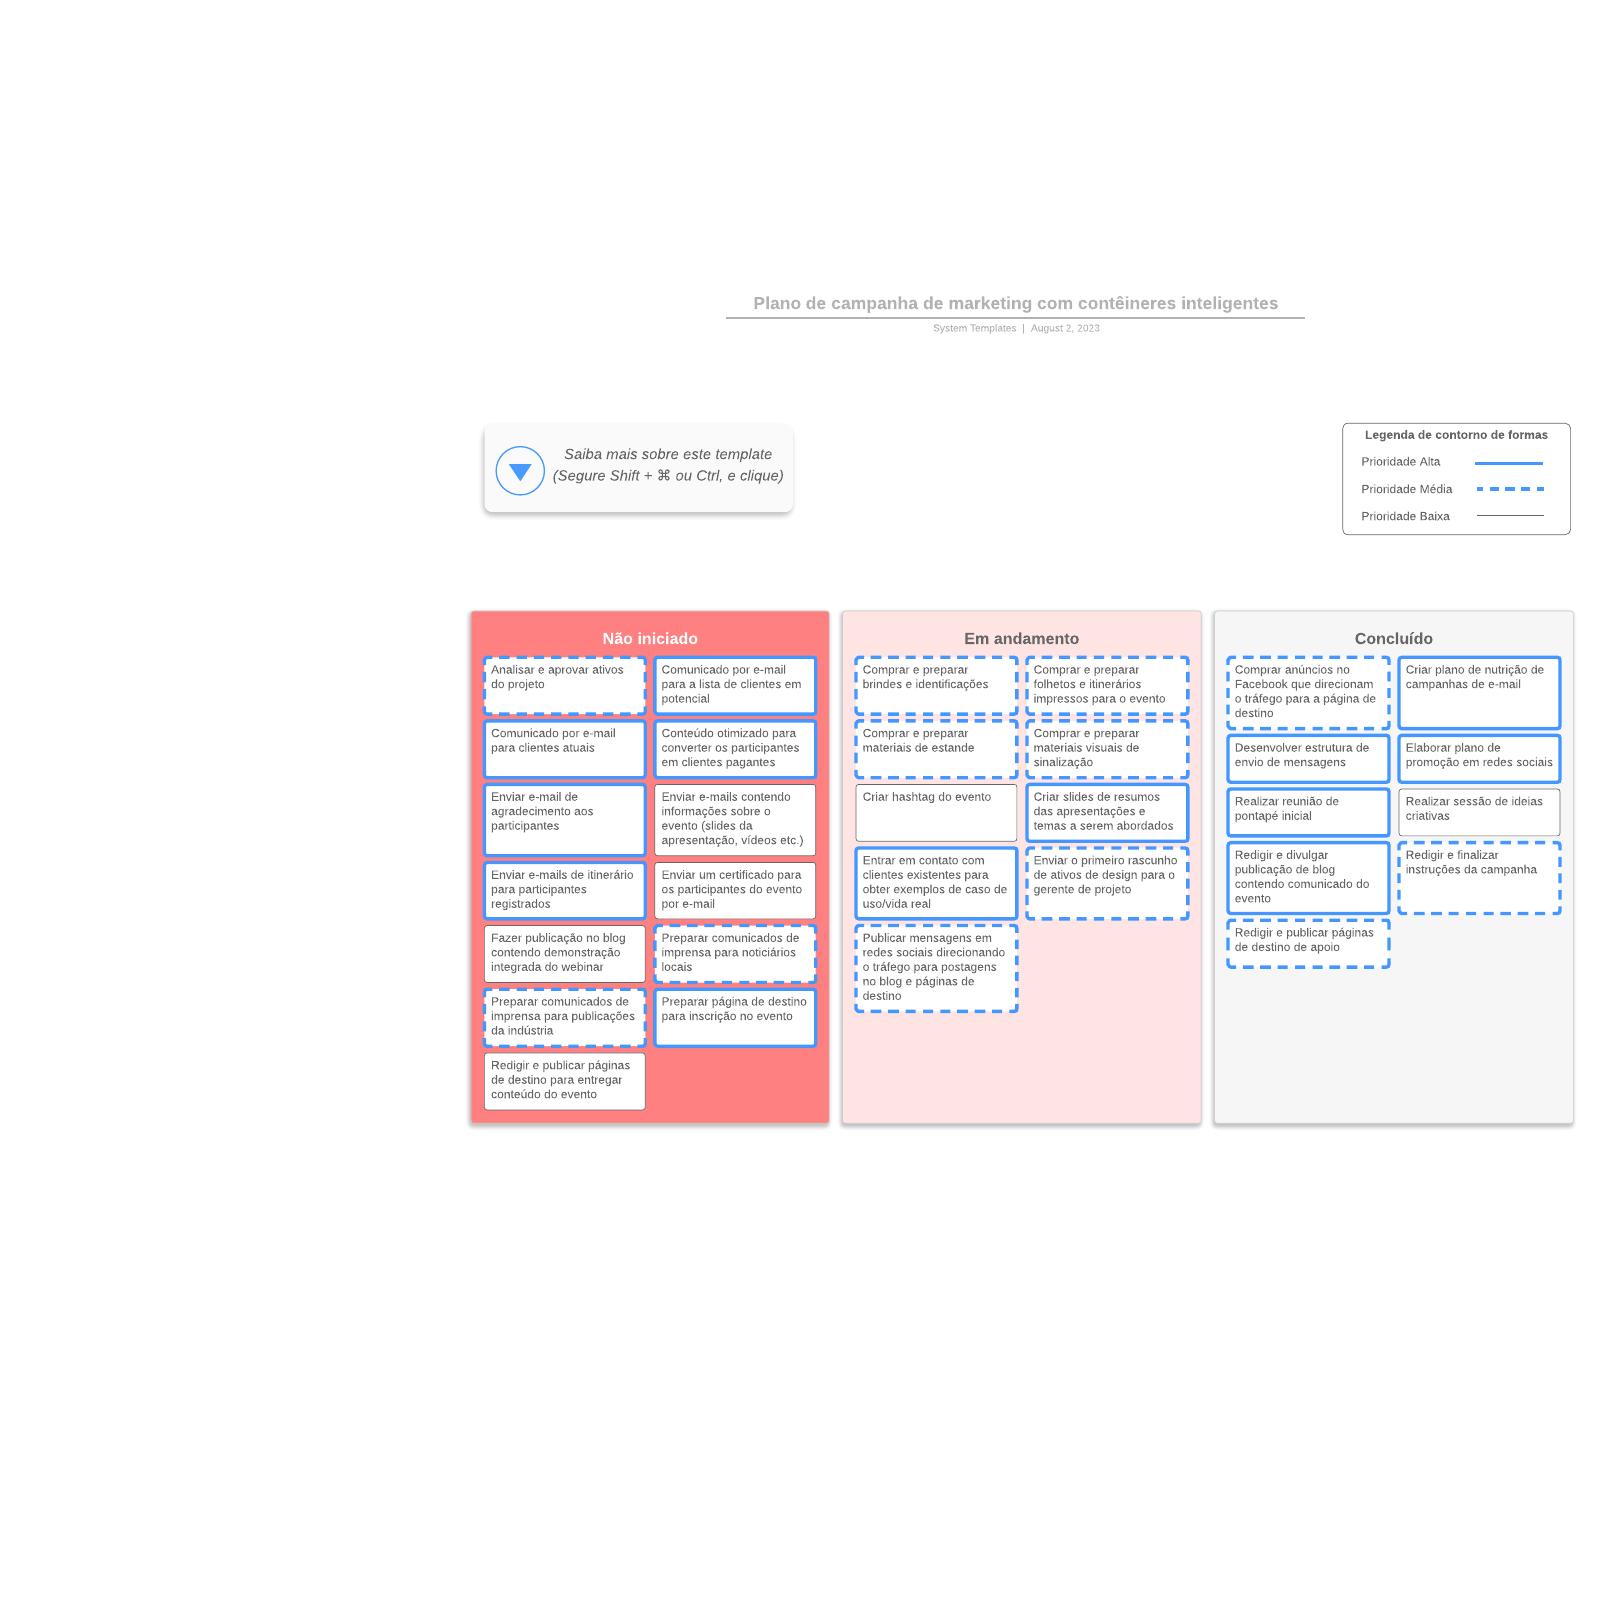 Modelo de plano de campanha de Marketing